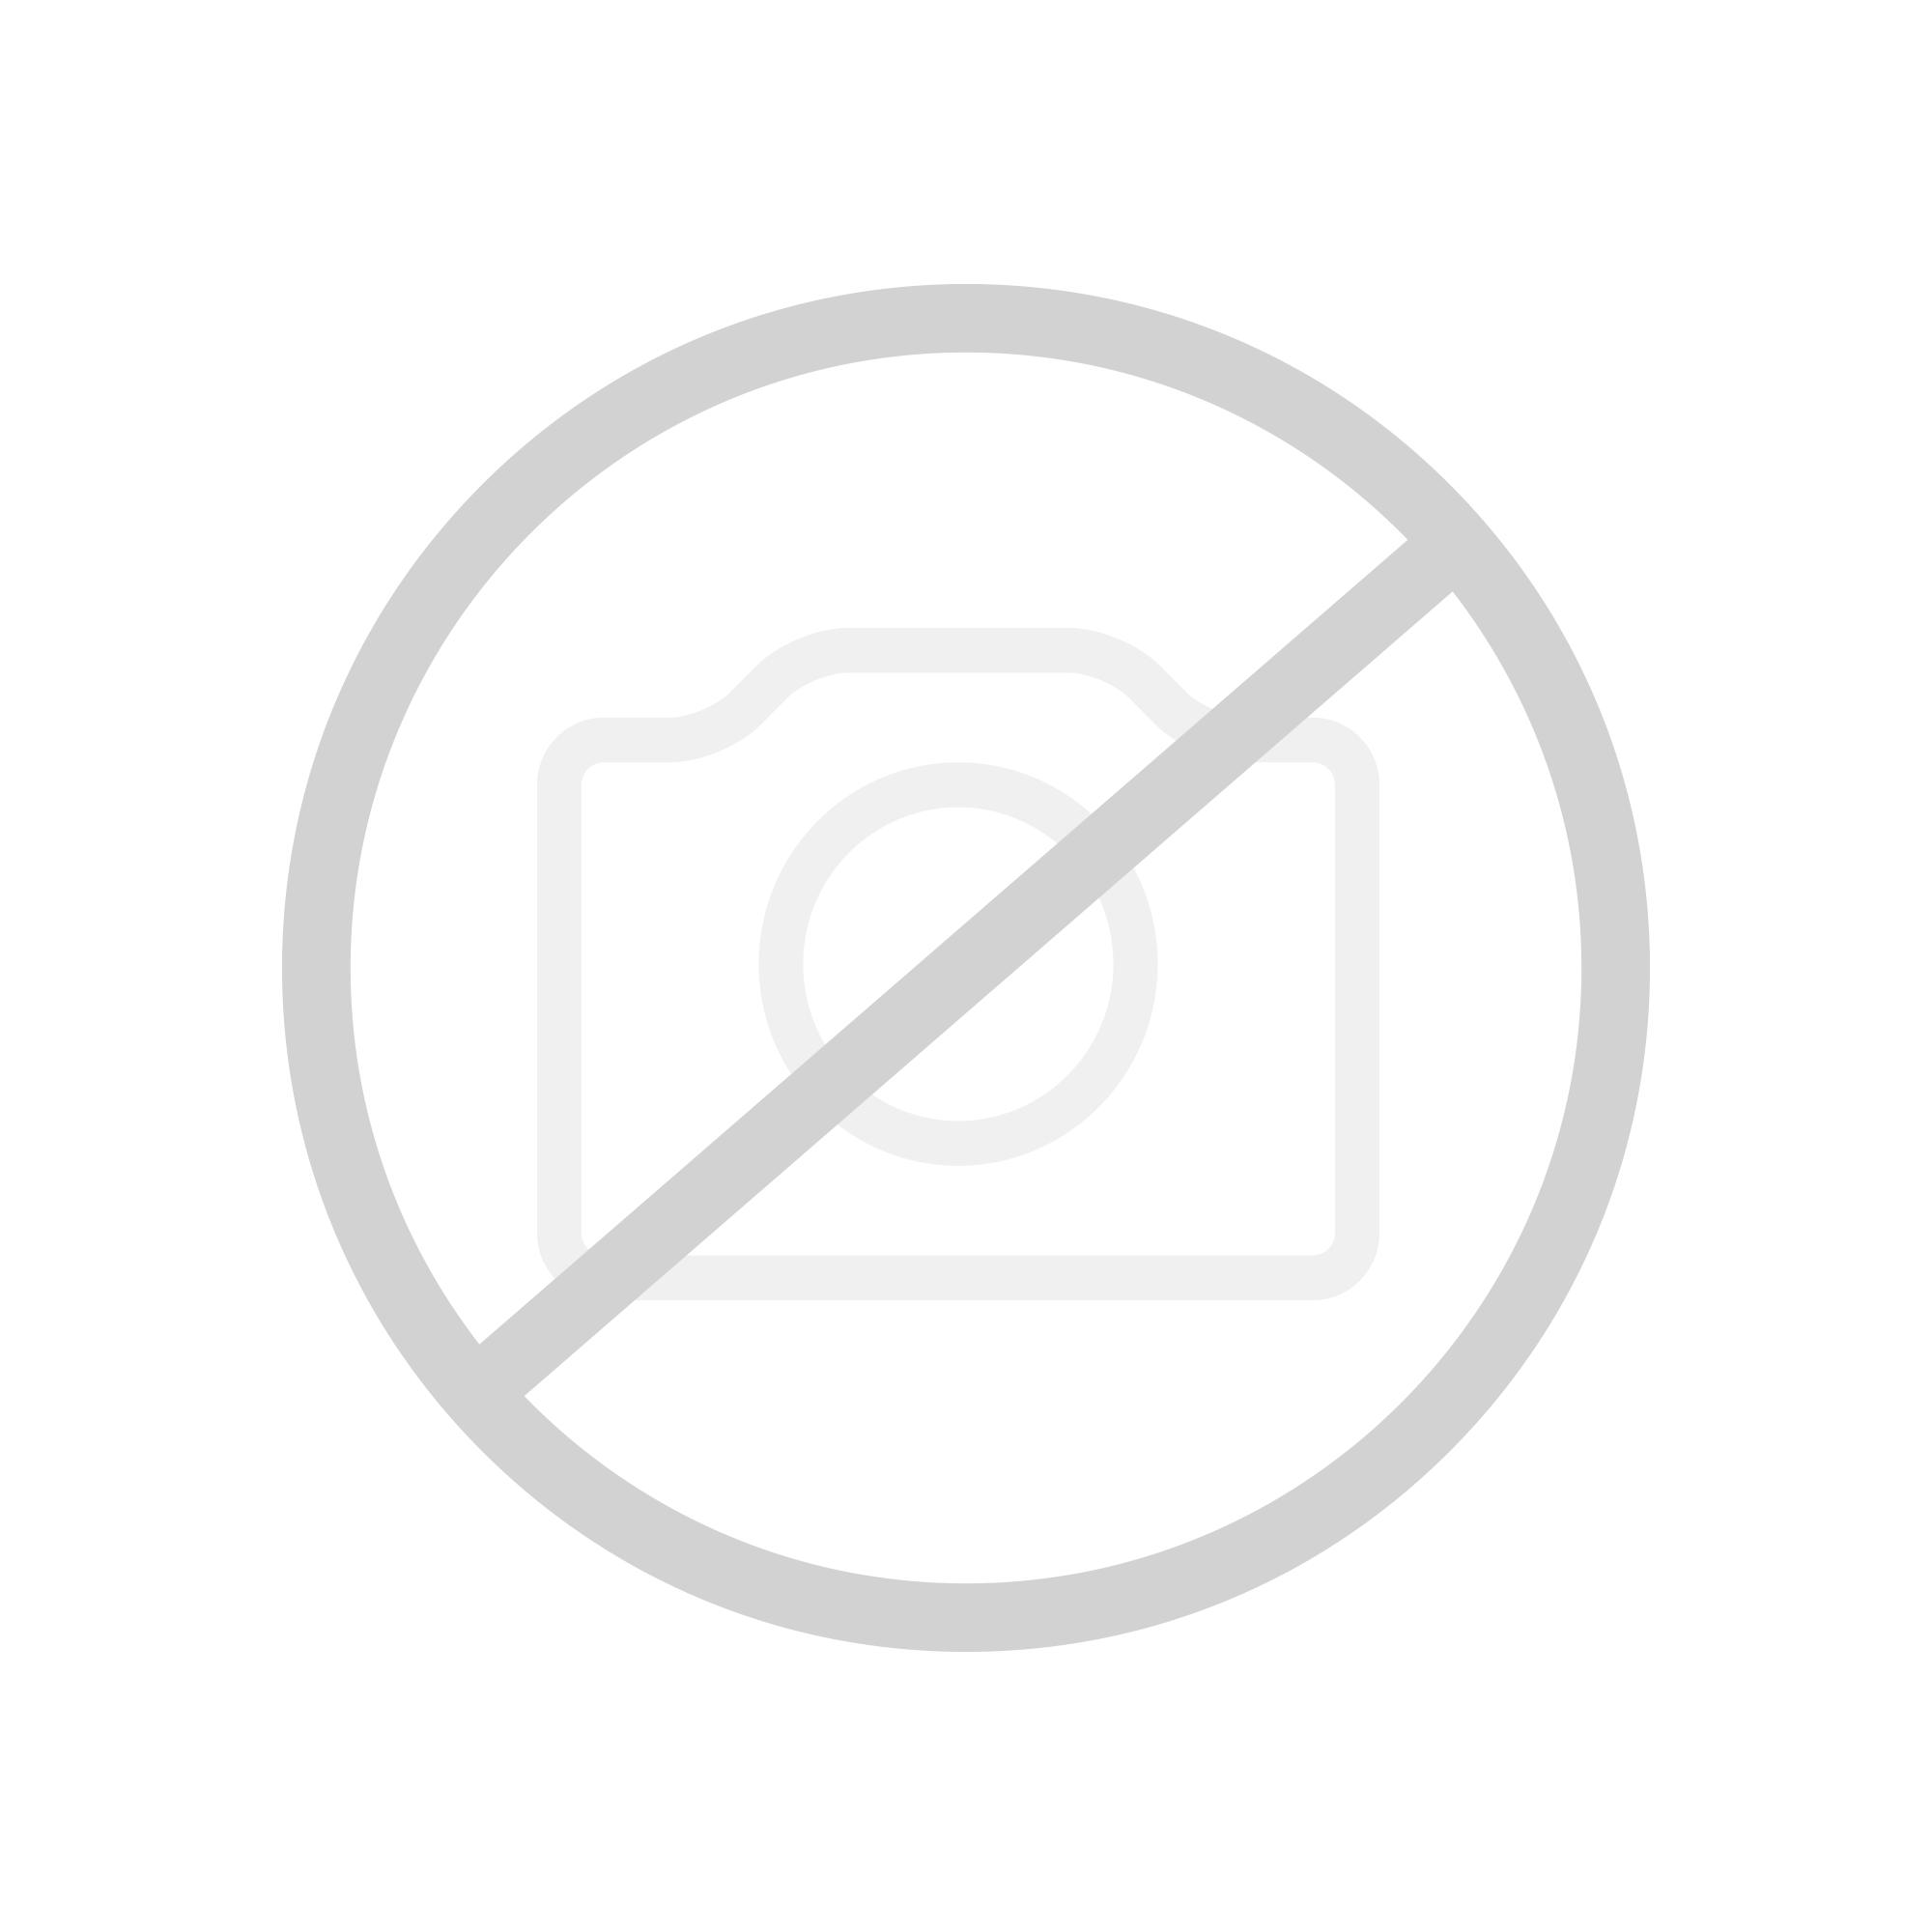 antoniolupi PILA bodenstehender Waschtisch